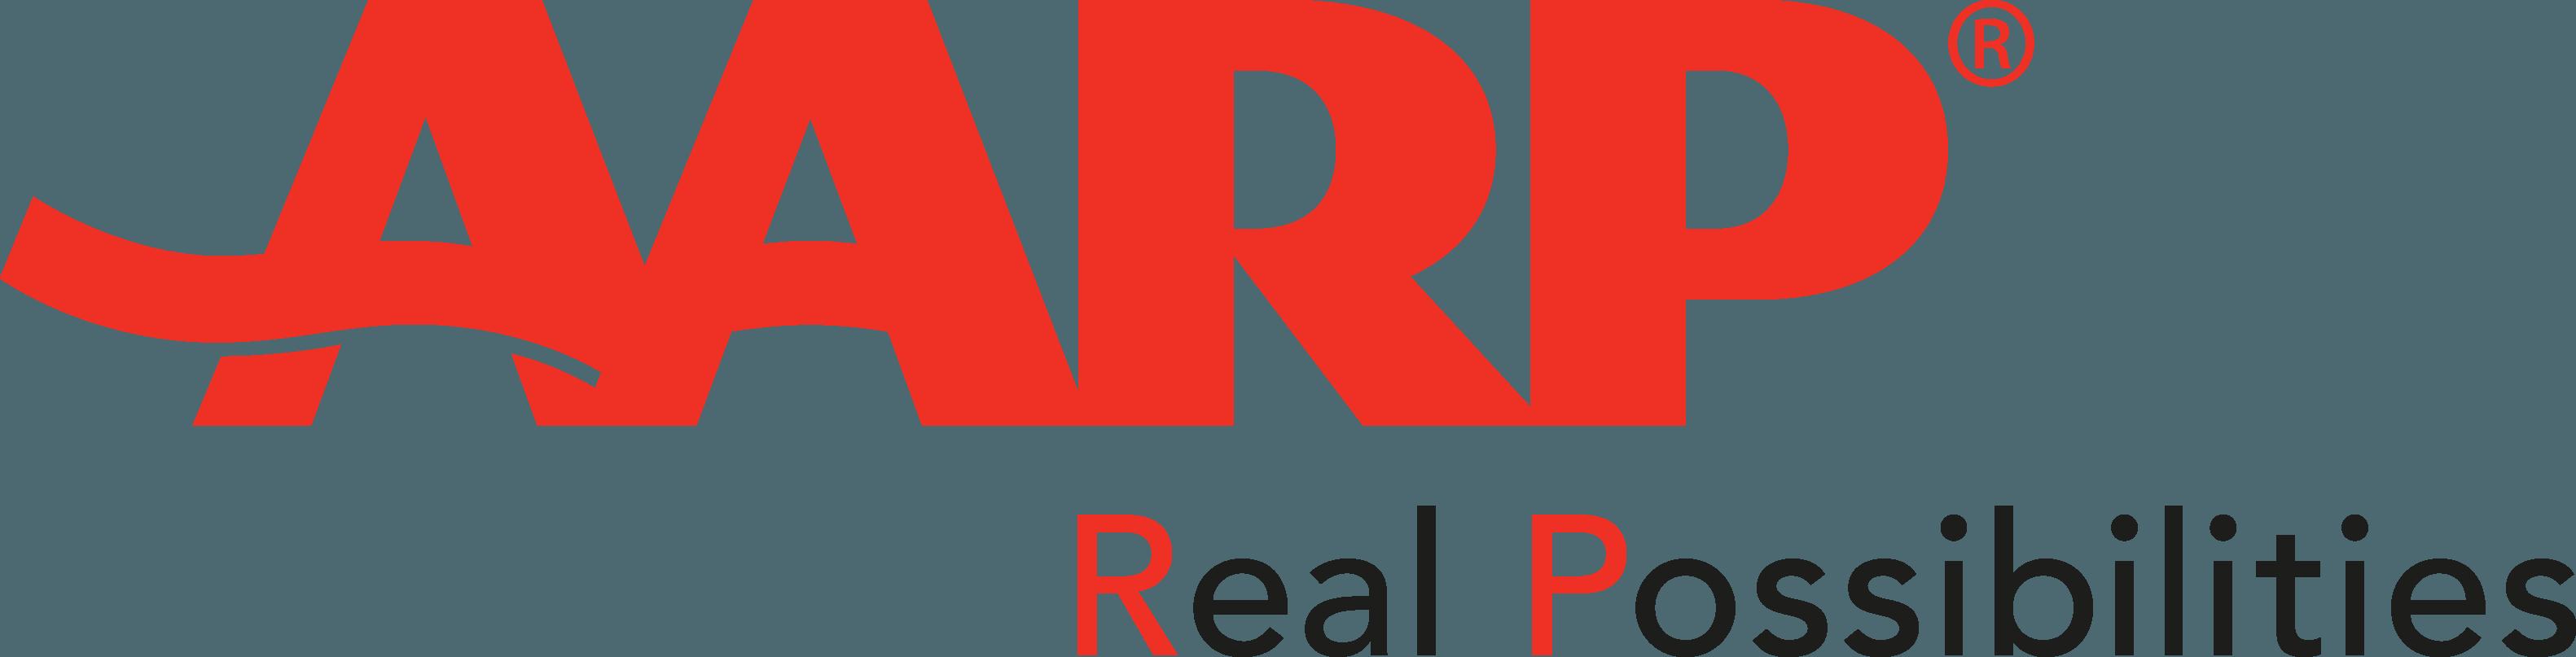 AARP Logo png